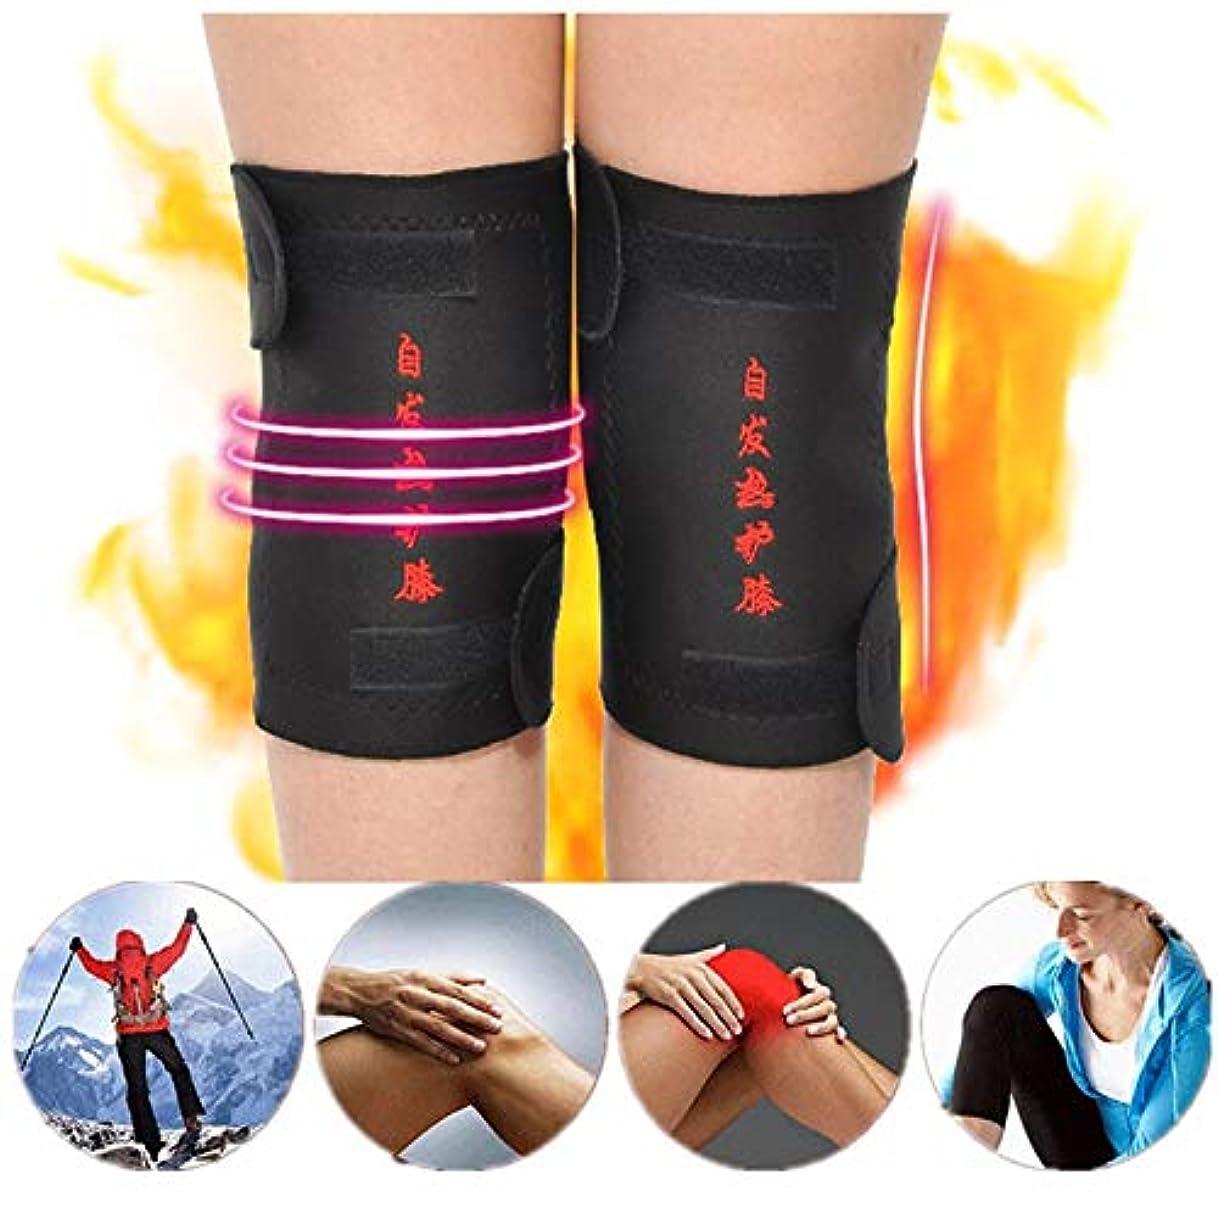 鮮やかなリットル売り手1 ペア 毎日健康 ケア 膝の痛み救済傷害捻挫自己加熱された膝 パッド 付き磁気治療内部加熱膝 パッド